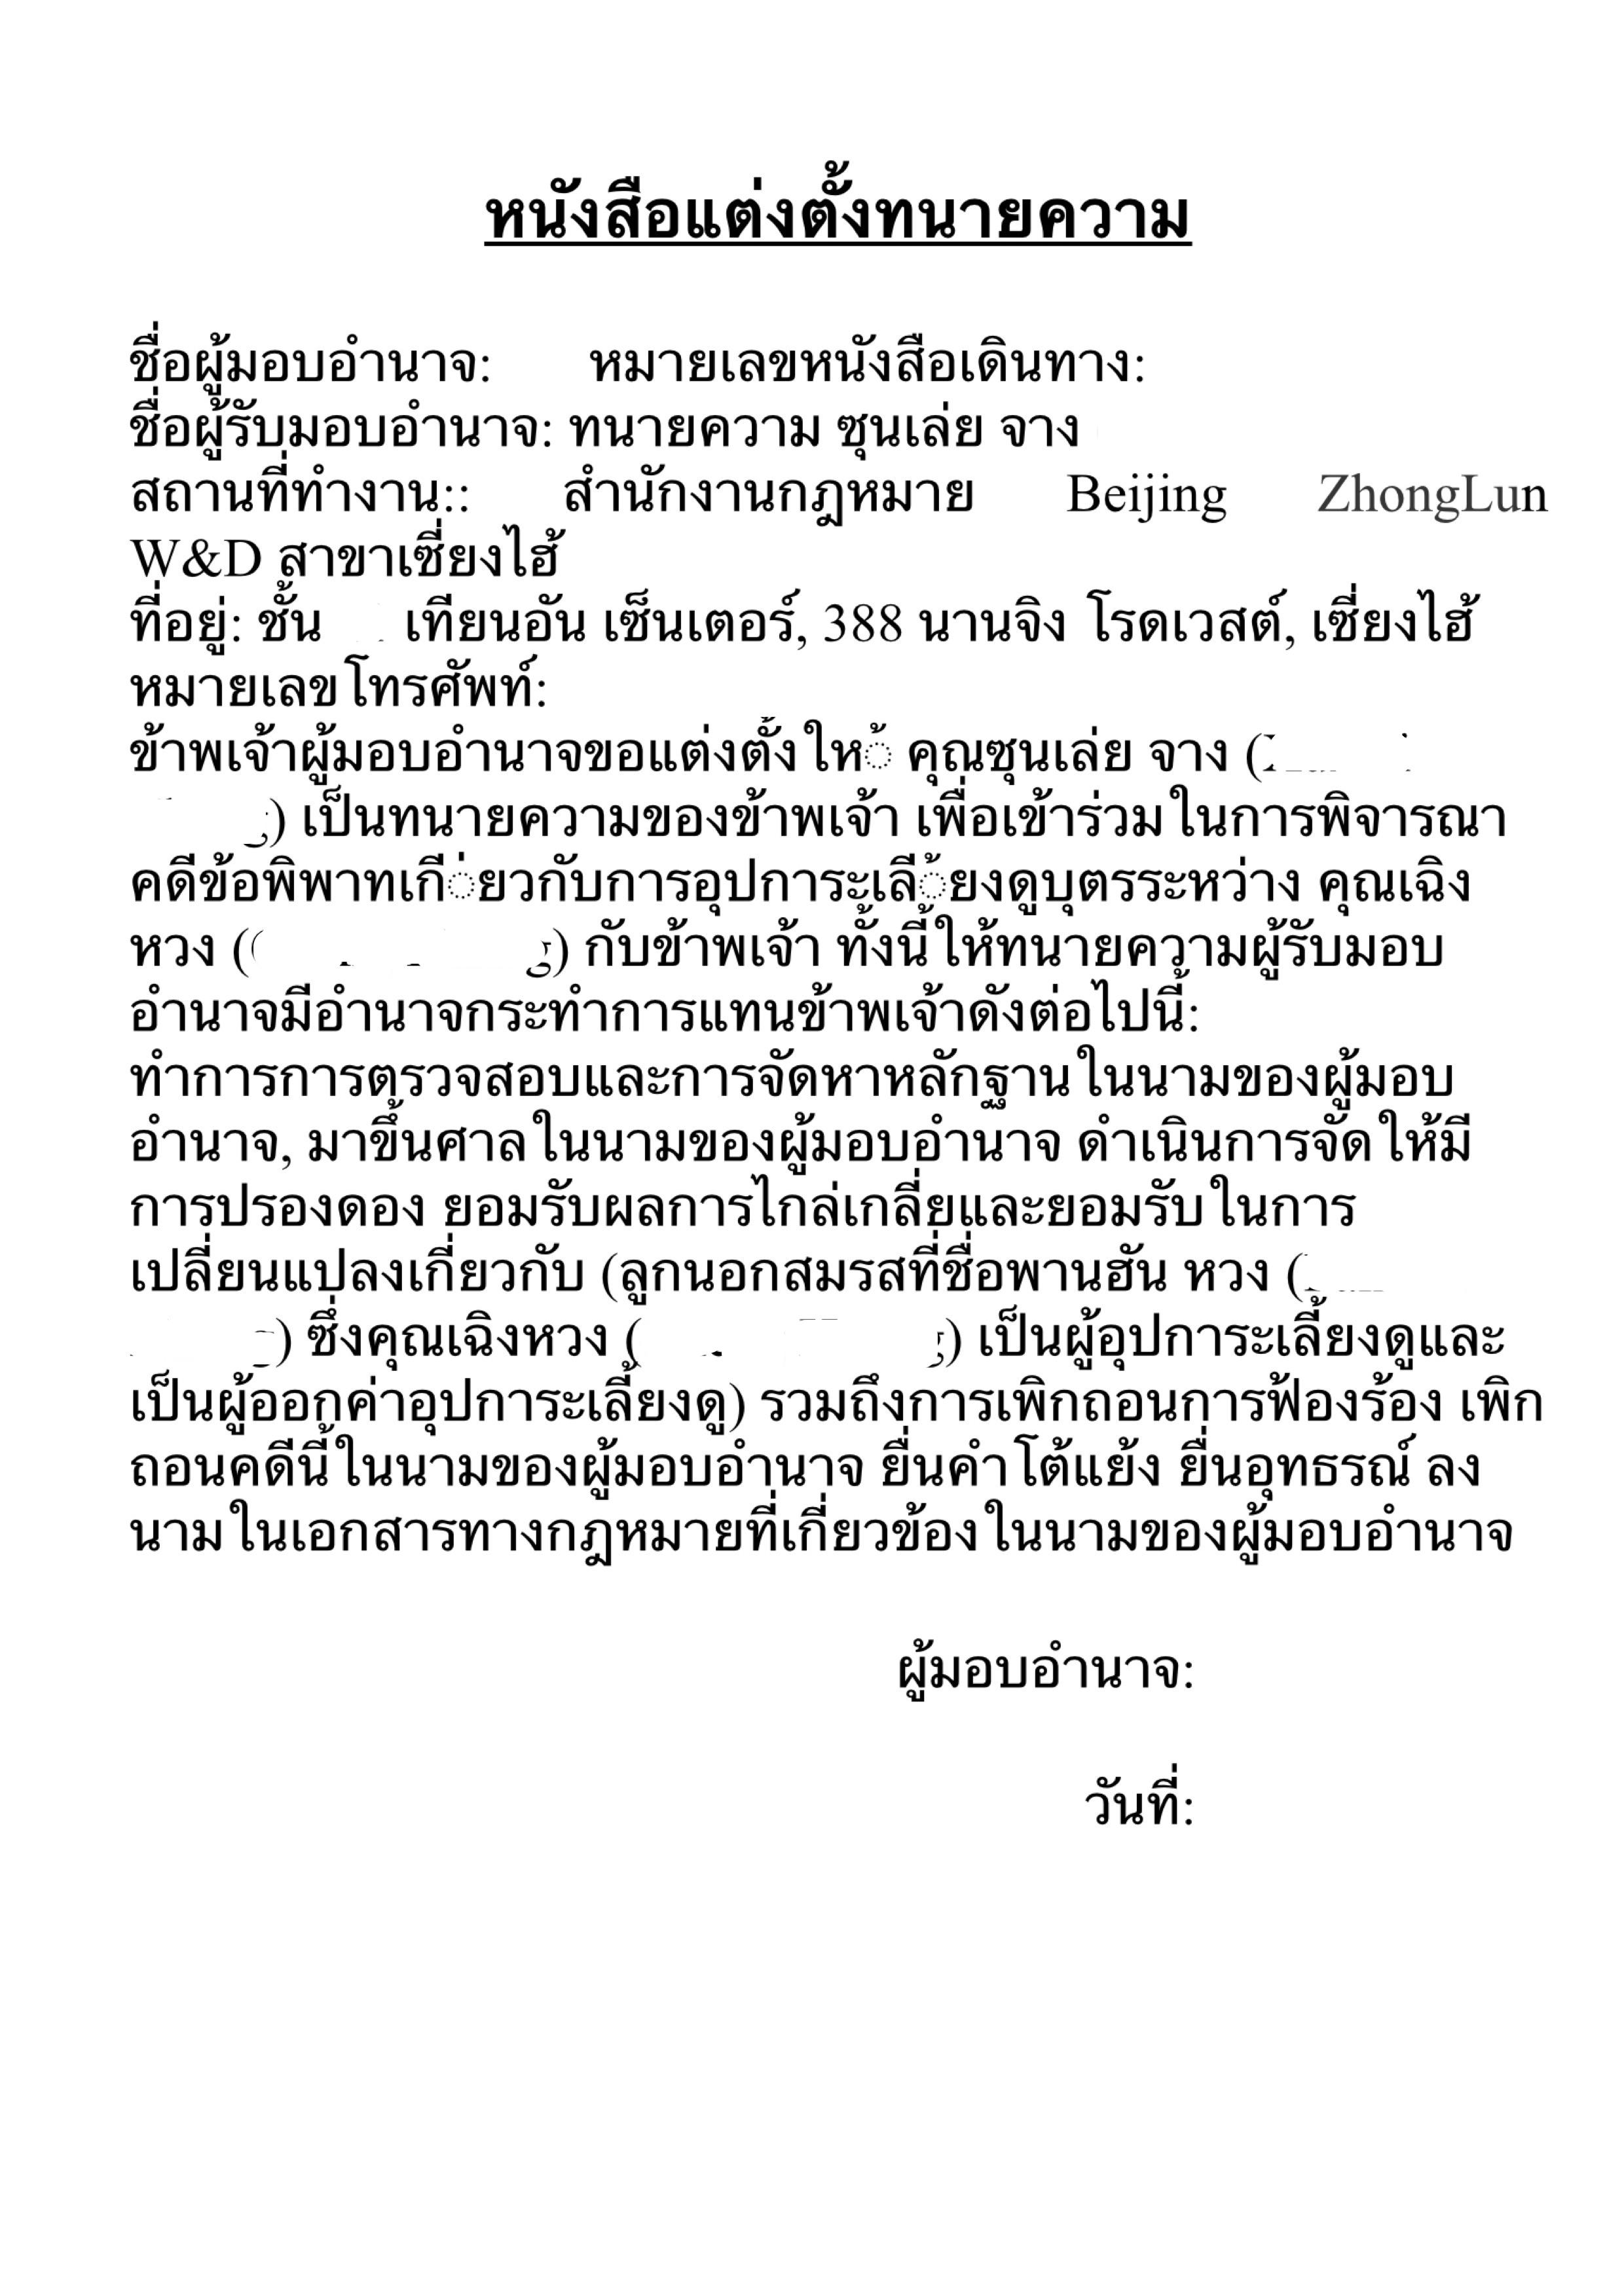 上海法院授权委托书(泰语)